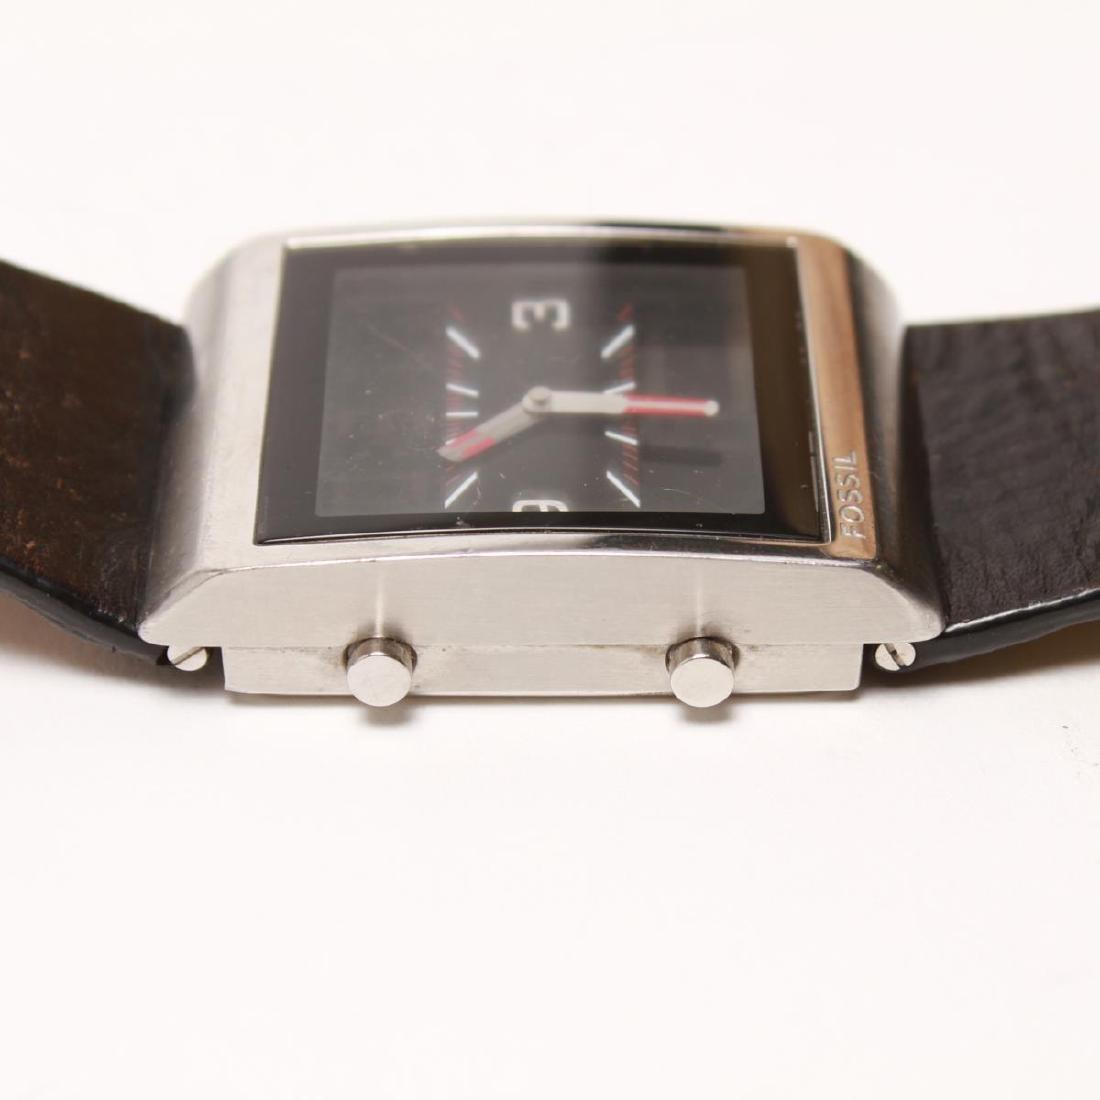 Fossil FUEL Man's Swiss Analog Digital Wristwatch - 4